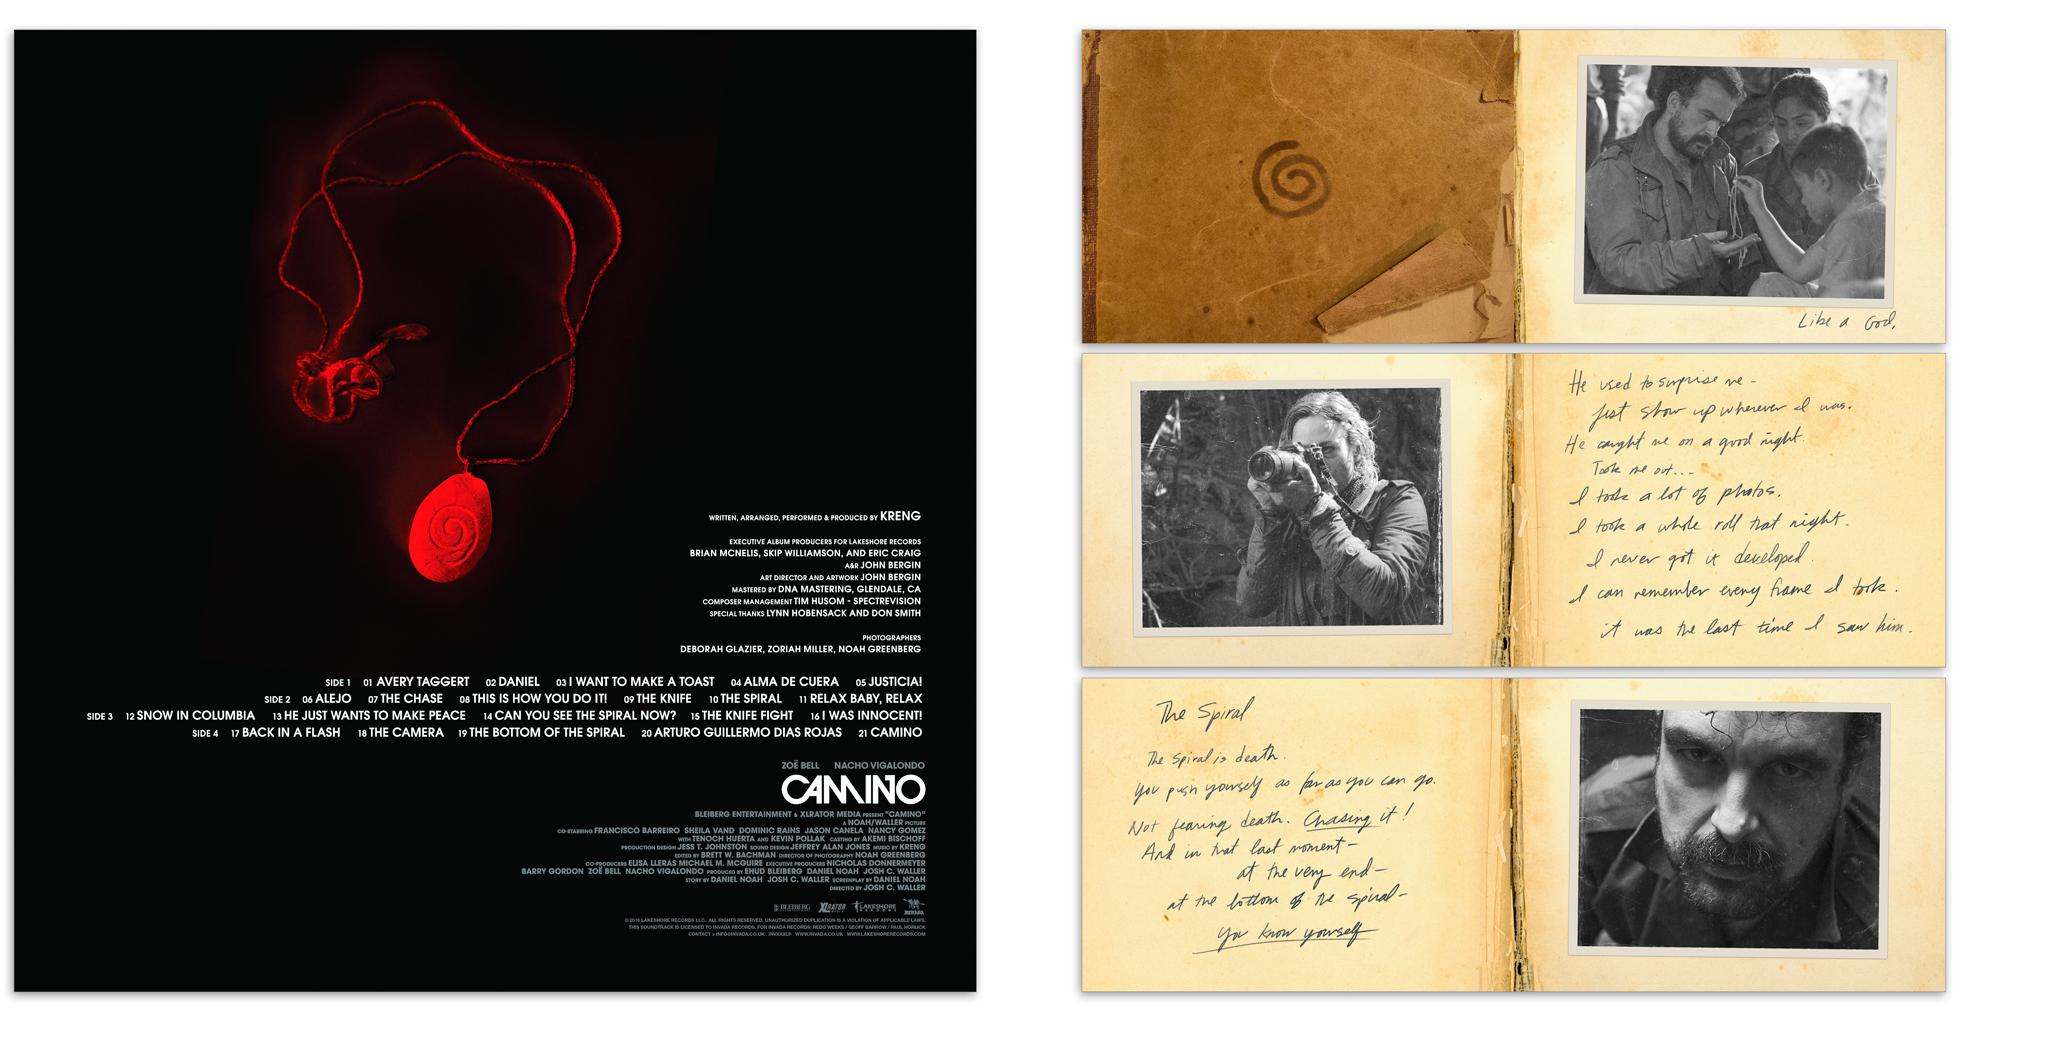 Camino-vinyl_2.jpg